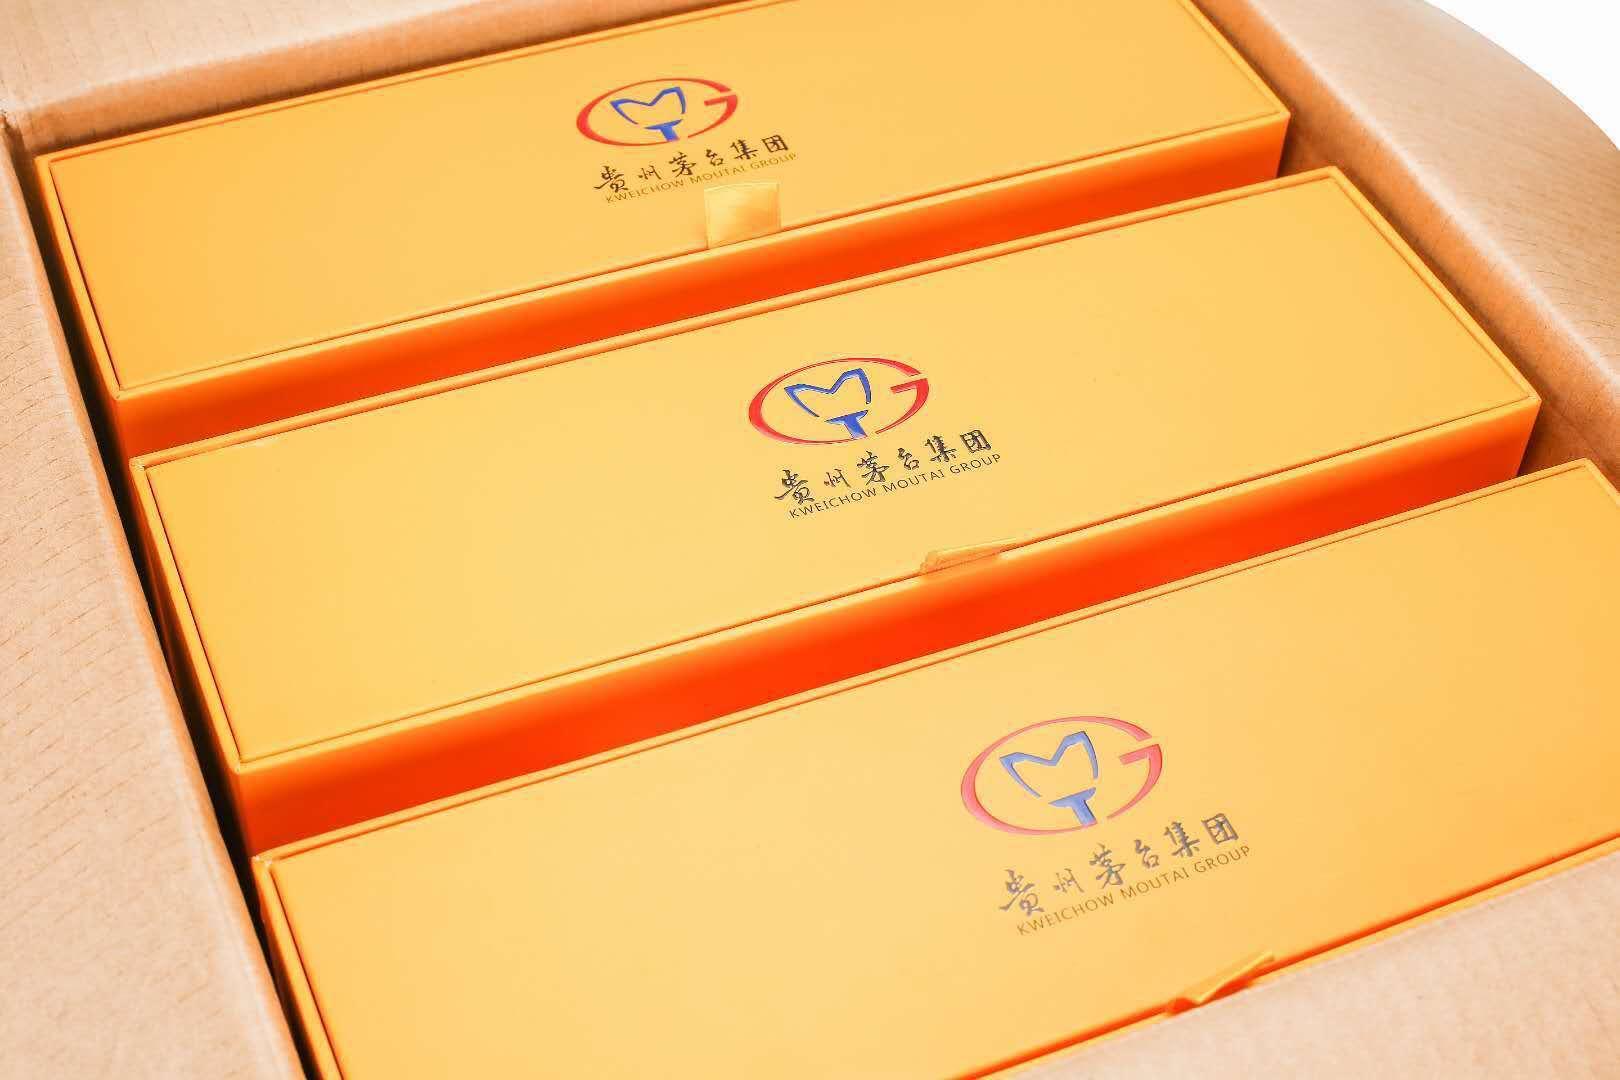 贵州华盛名酒-三生有幸53度酱香型酒 500Ml*3瓶礼盒装高档烤花盒.